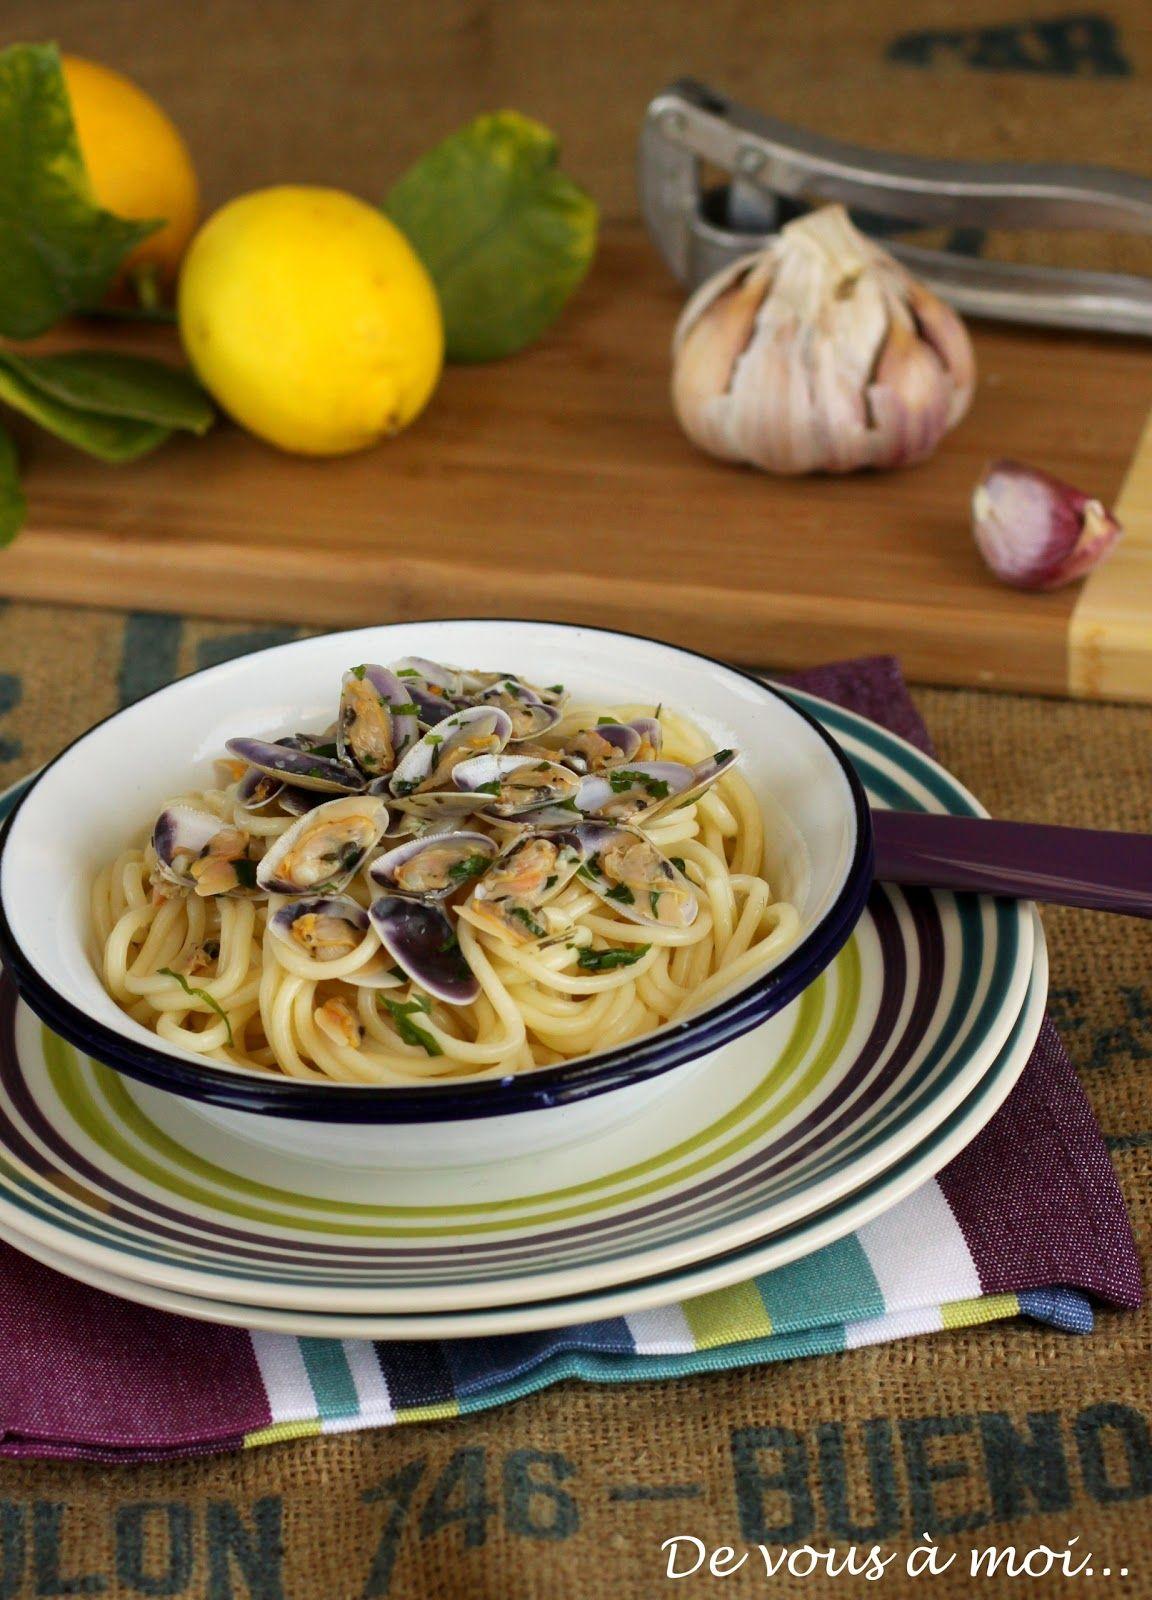 De vous à moi...: Spaghetti aux Tellines, à l'Ail et au Citron